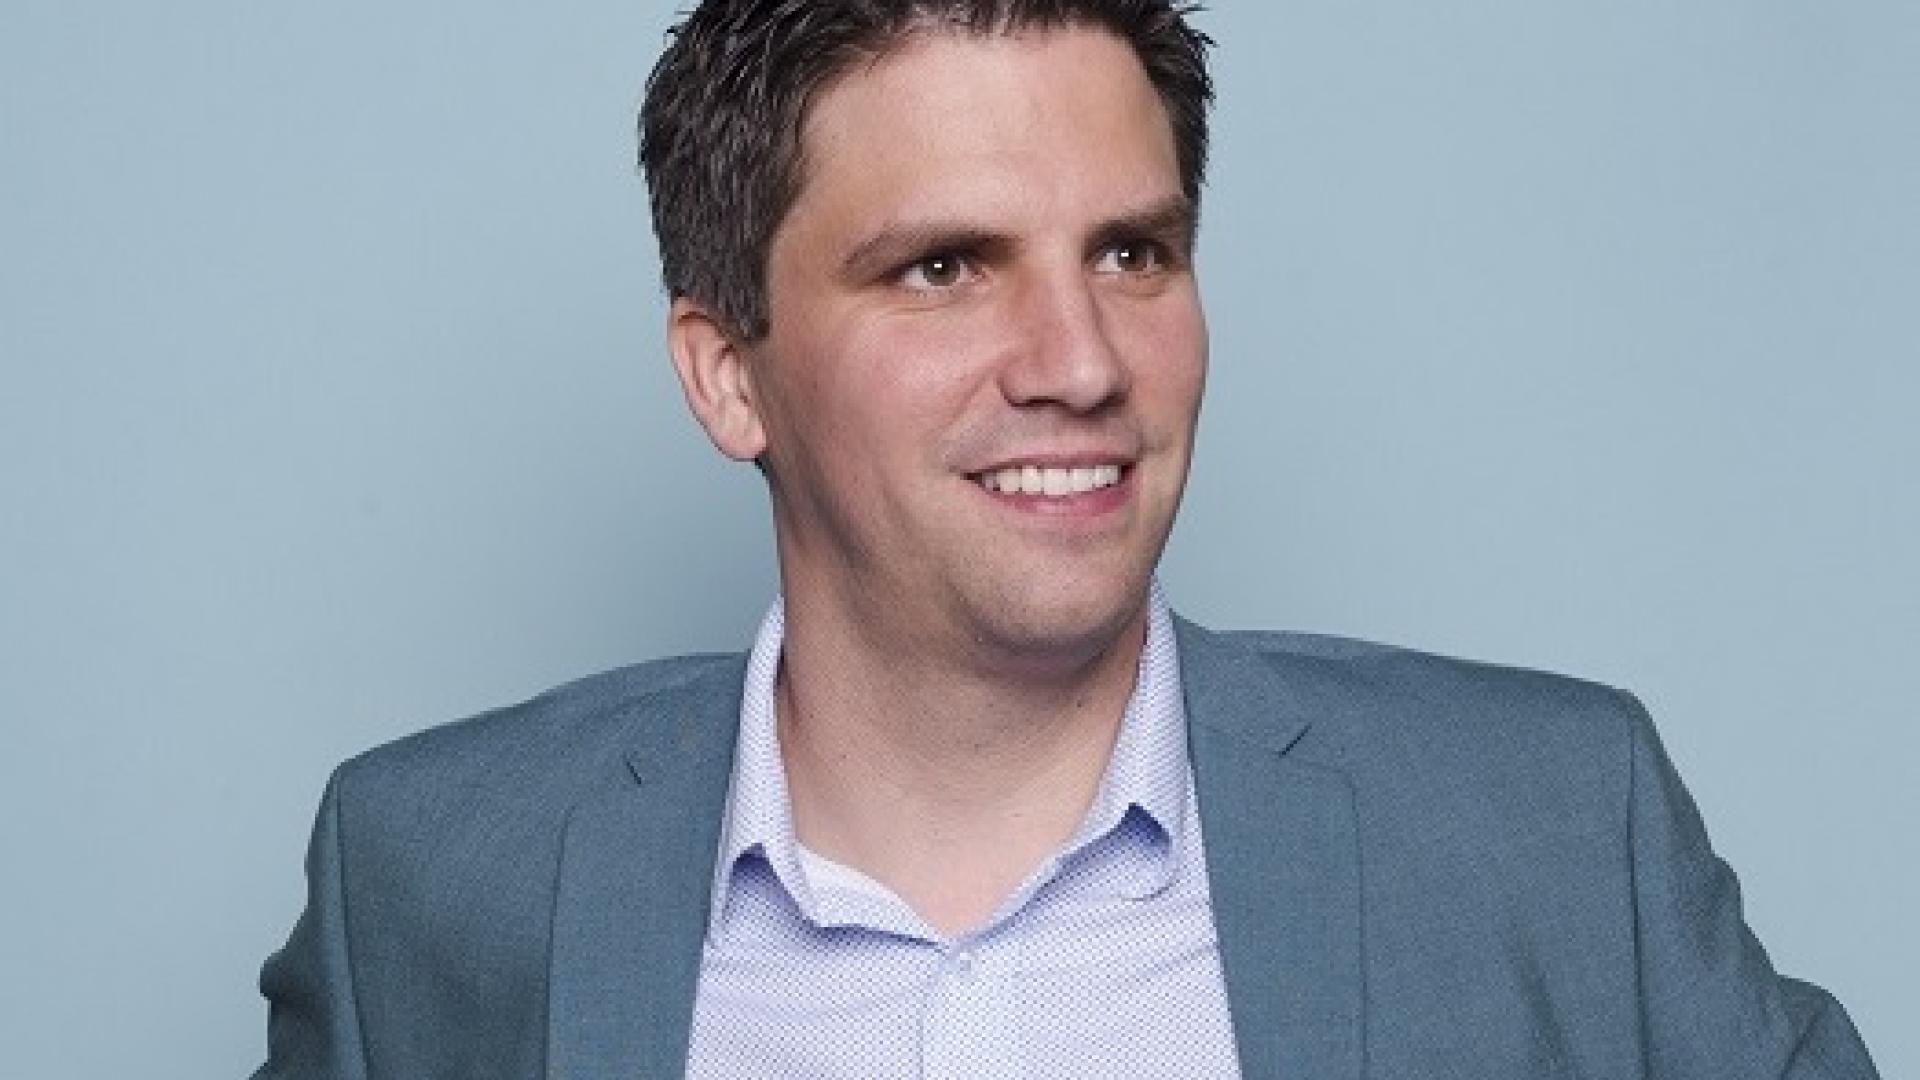 Chris Van De Voorde